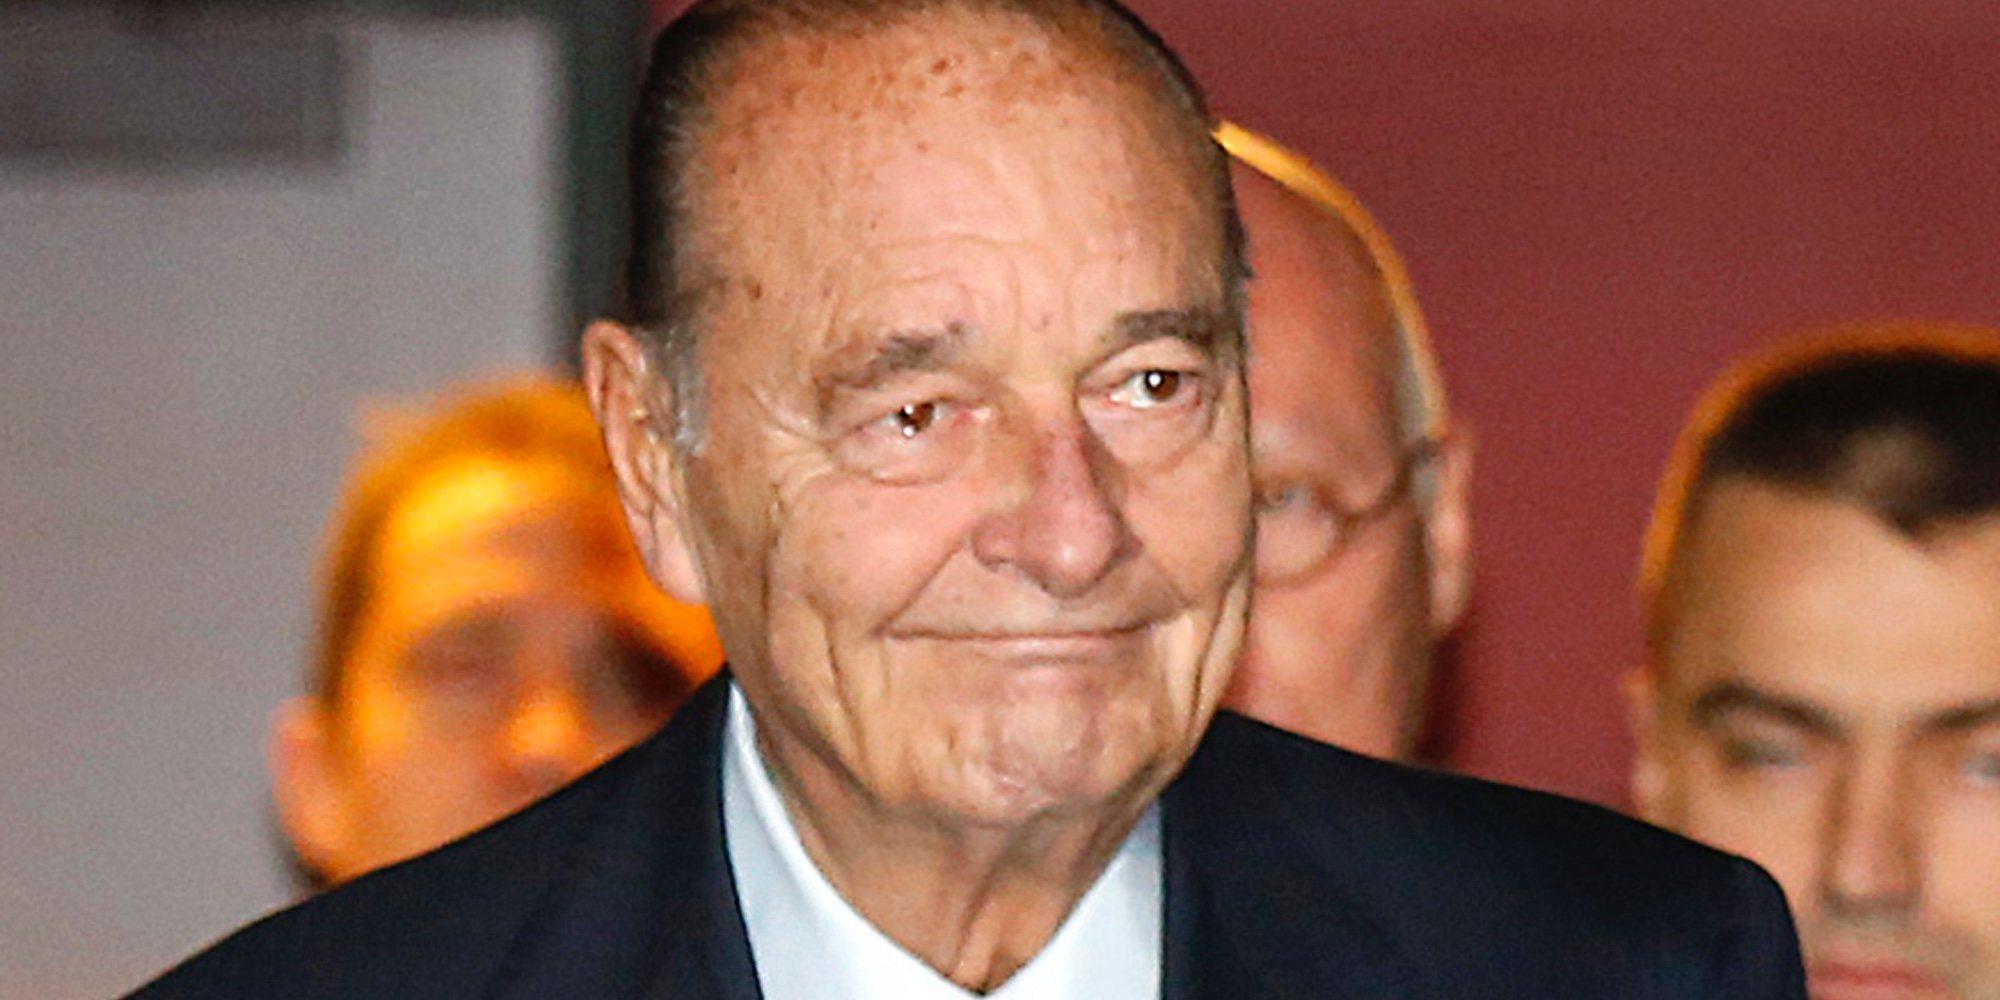 Muere Jacques Chirac, ex Presidente de Francia, a los 86 años